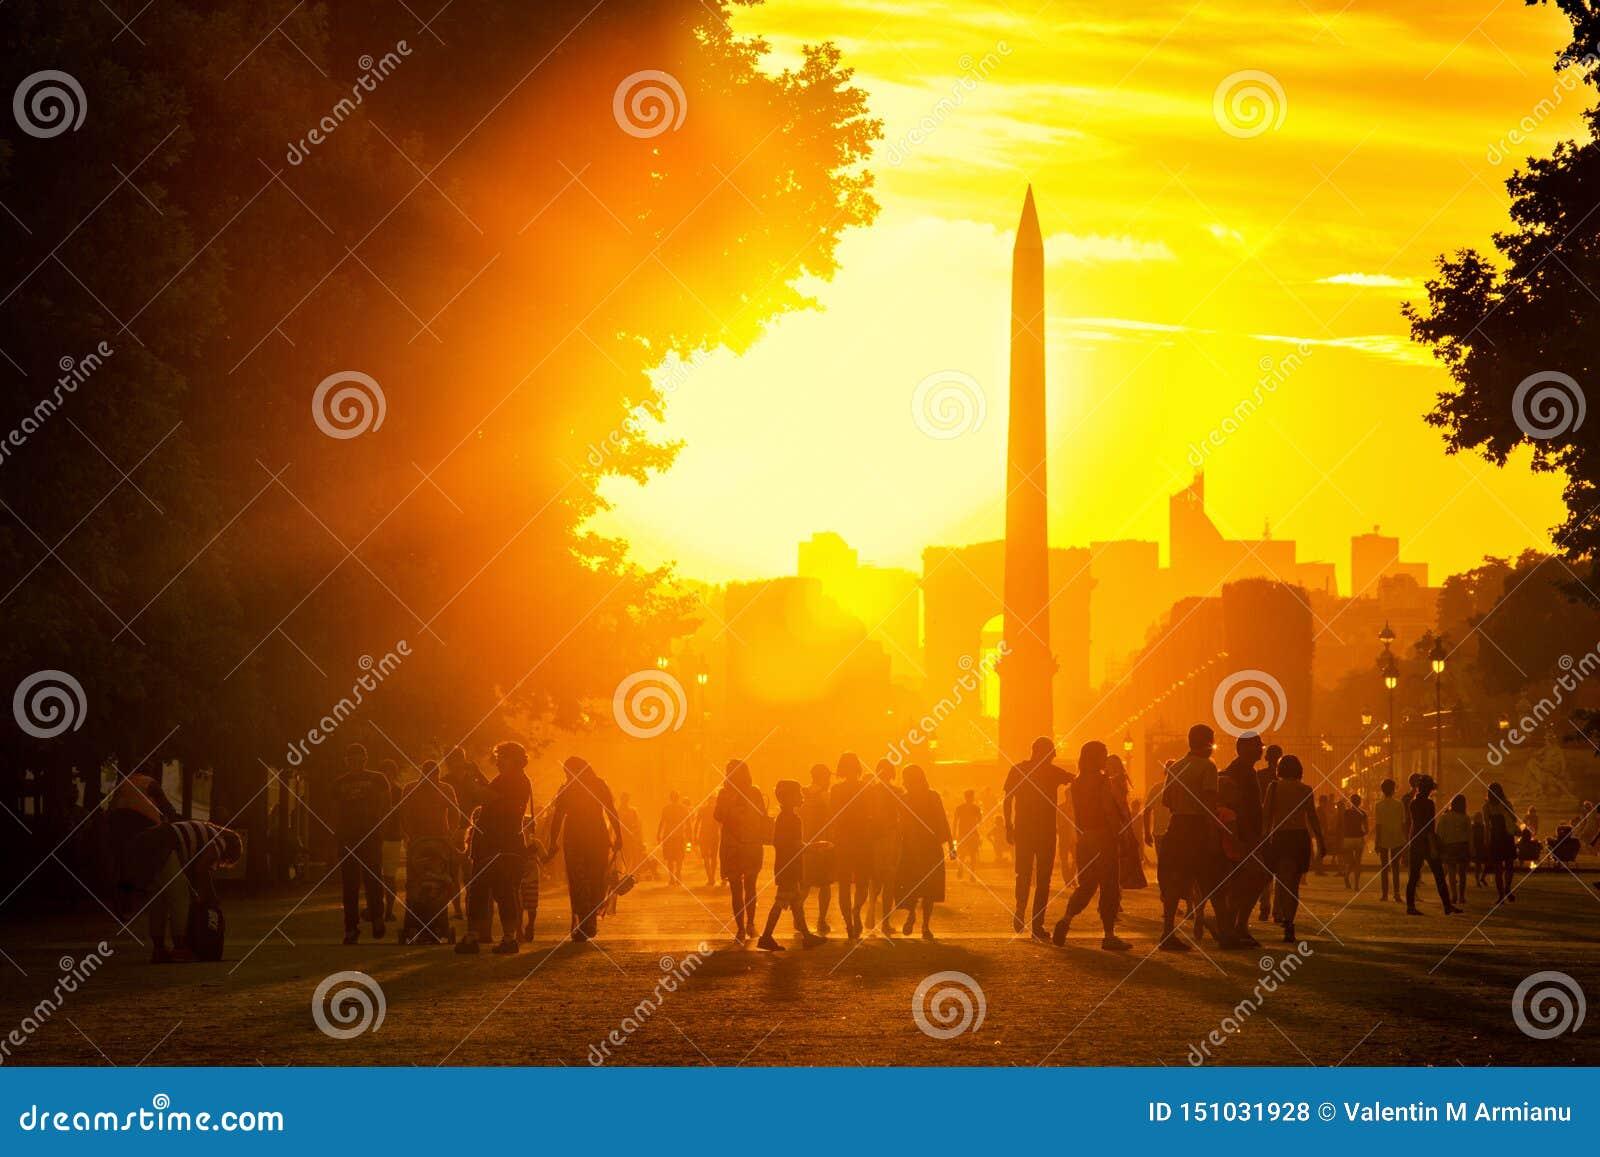 Ηλιοβασίλεμα στο Παρίσι